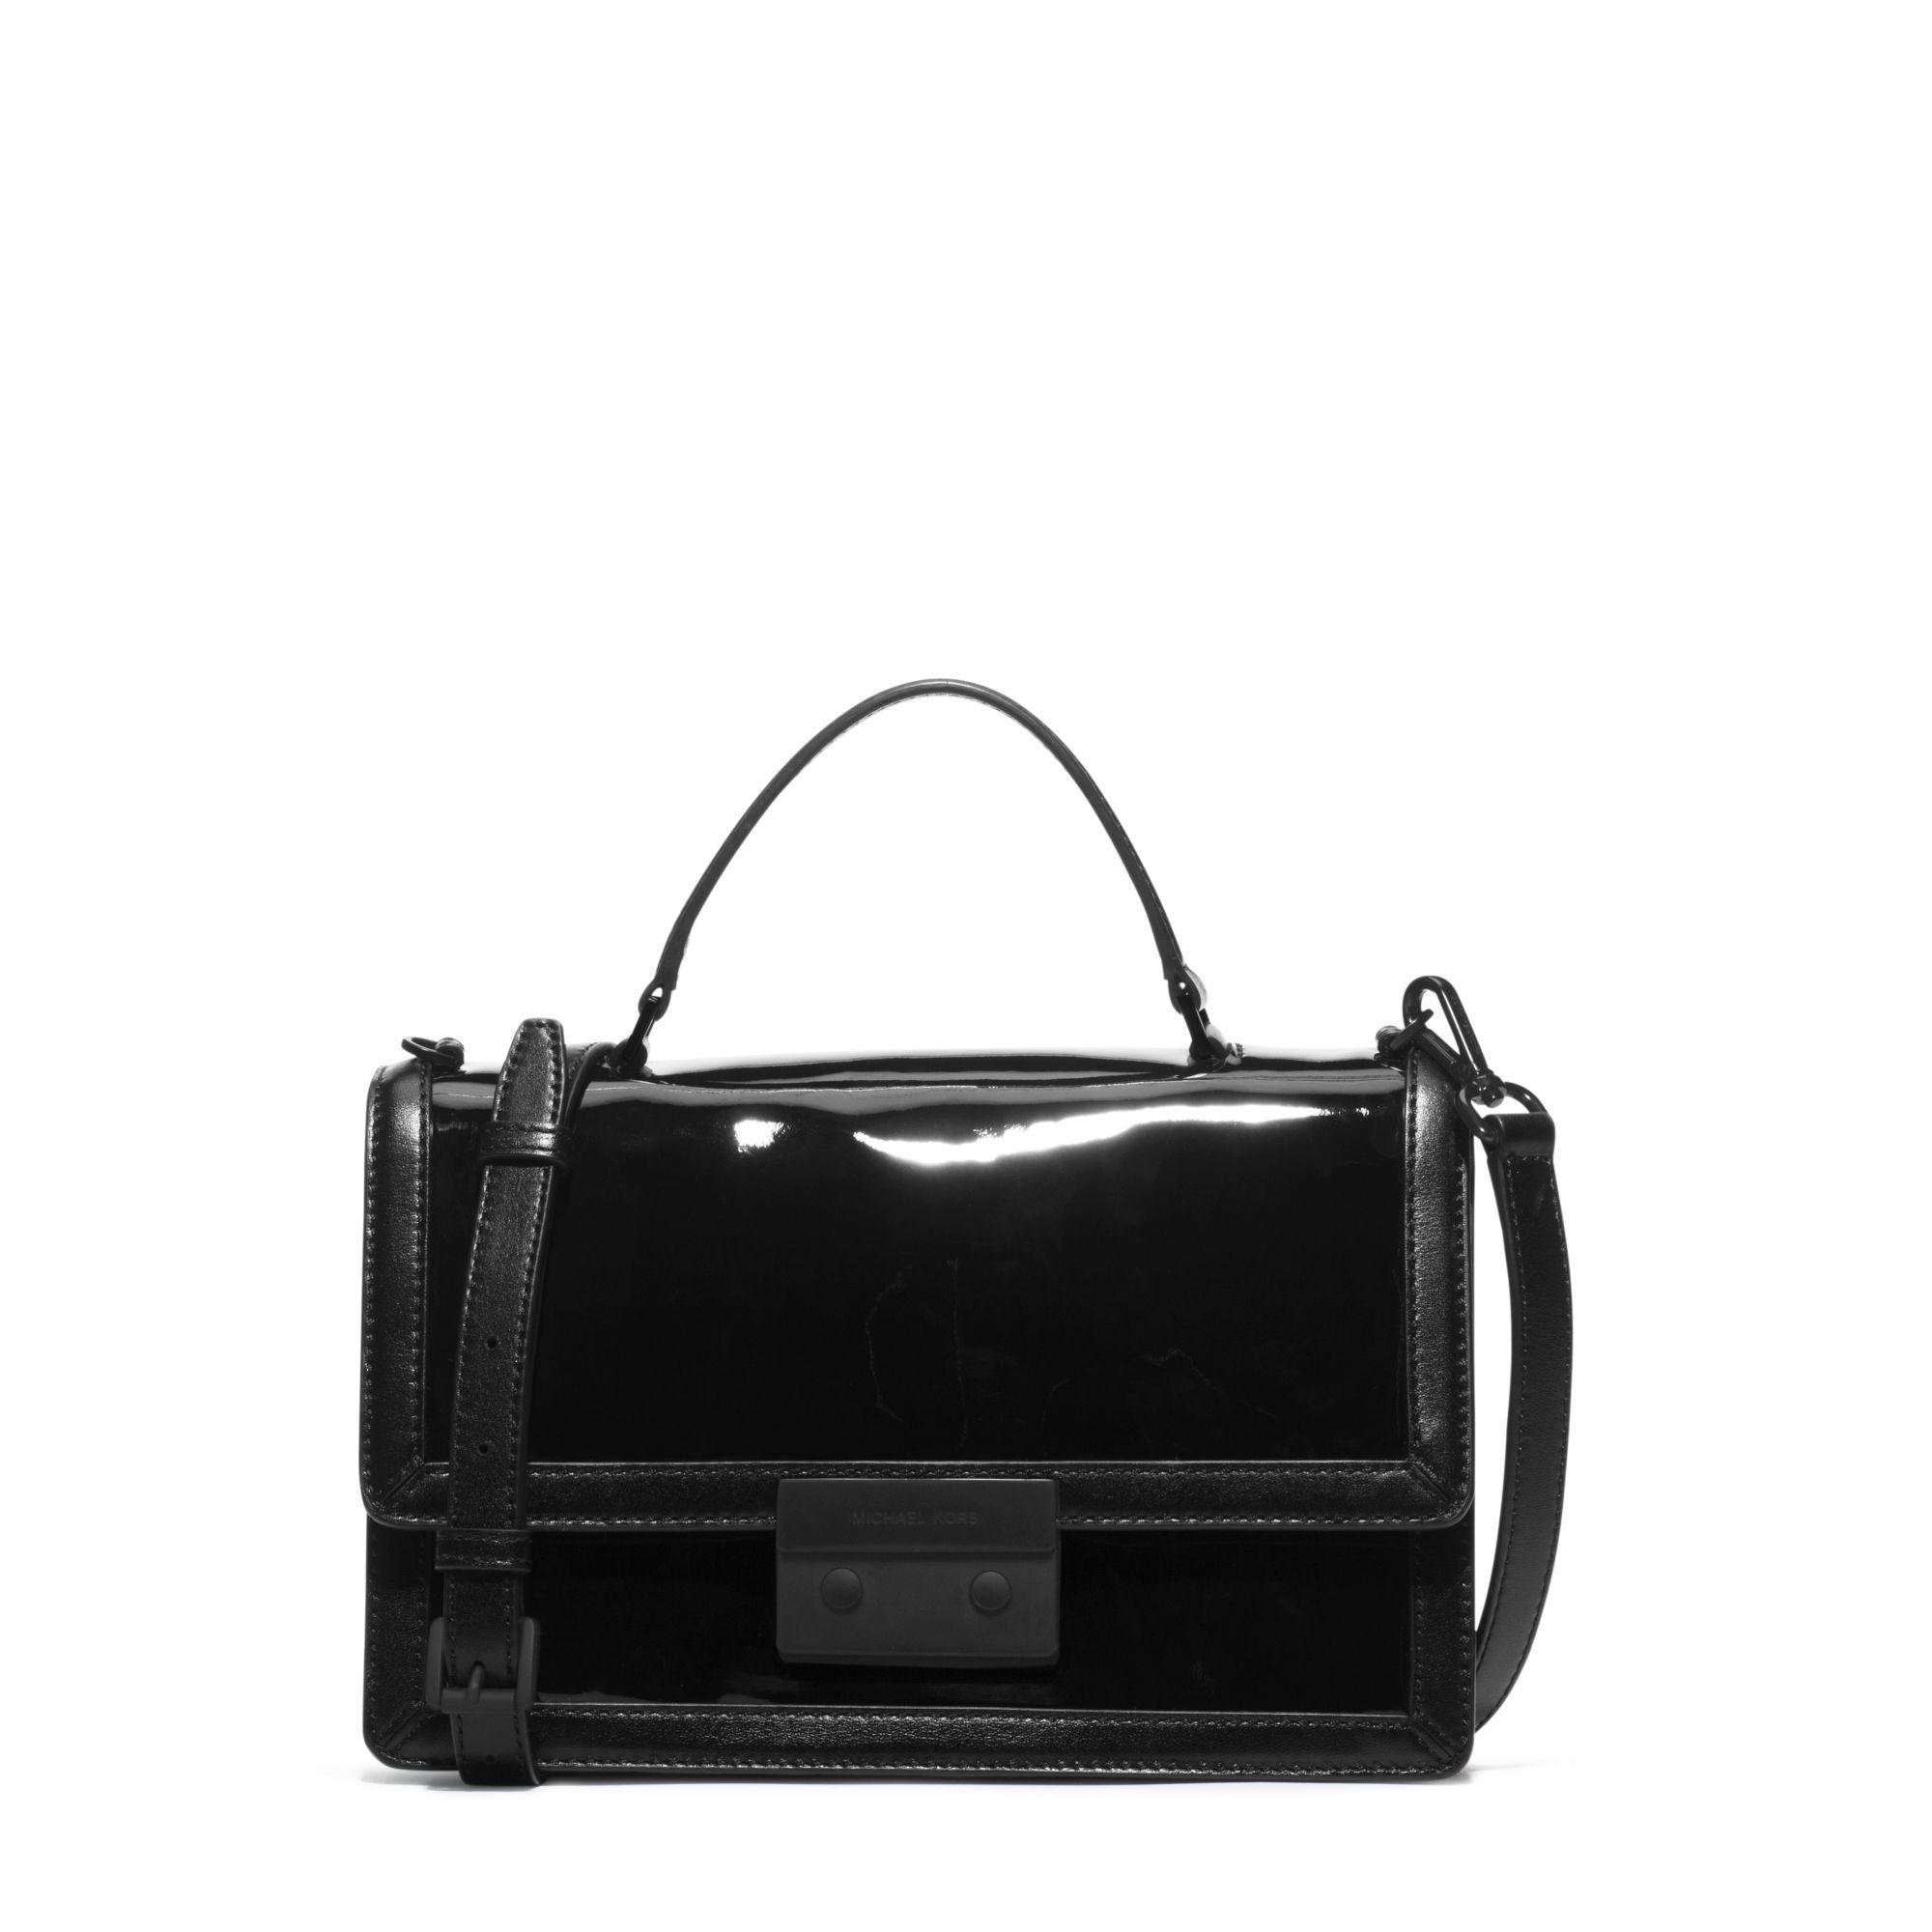 7943b85265d0 Michael Kors Callie X-small Crossbody Handbag   Stanford Center for ...